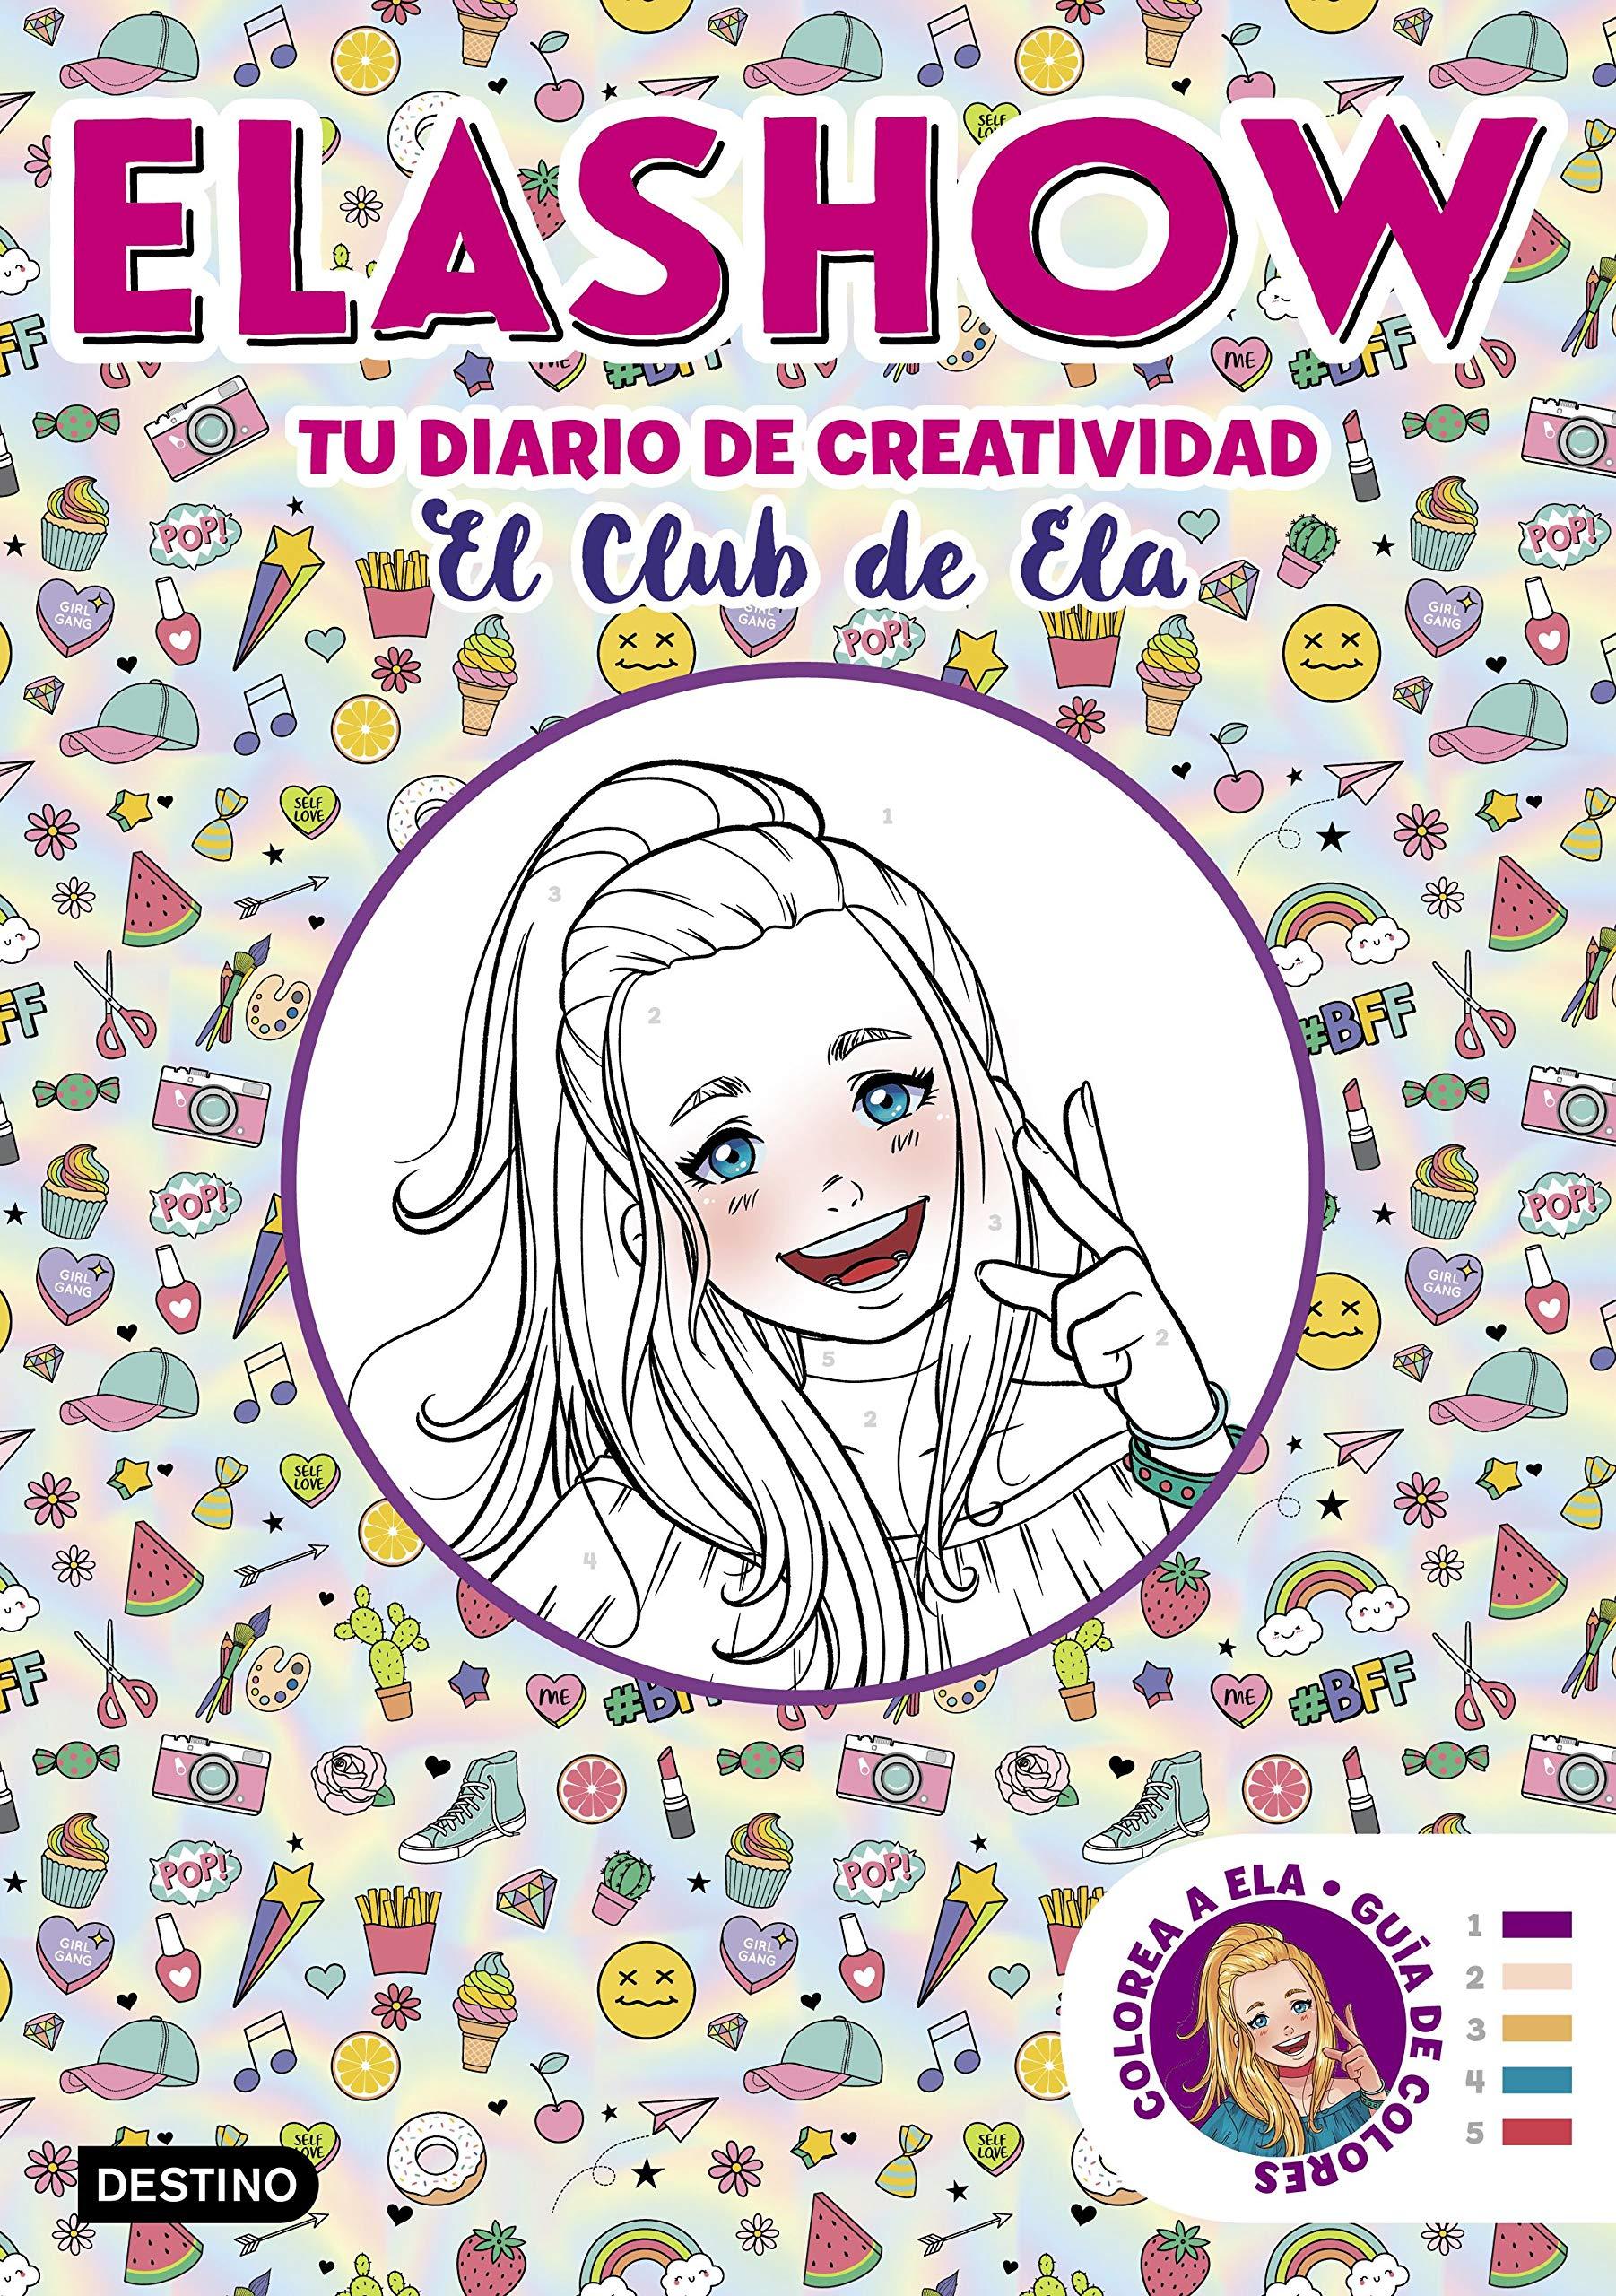 Elashow. Tu diario de creatividad: El Club de Ela Youtubers infantiles:  Amazon.es: Elaia Martínez: Libros